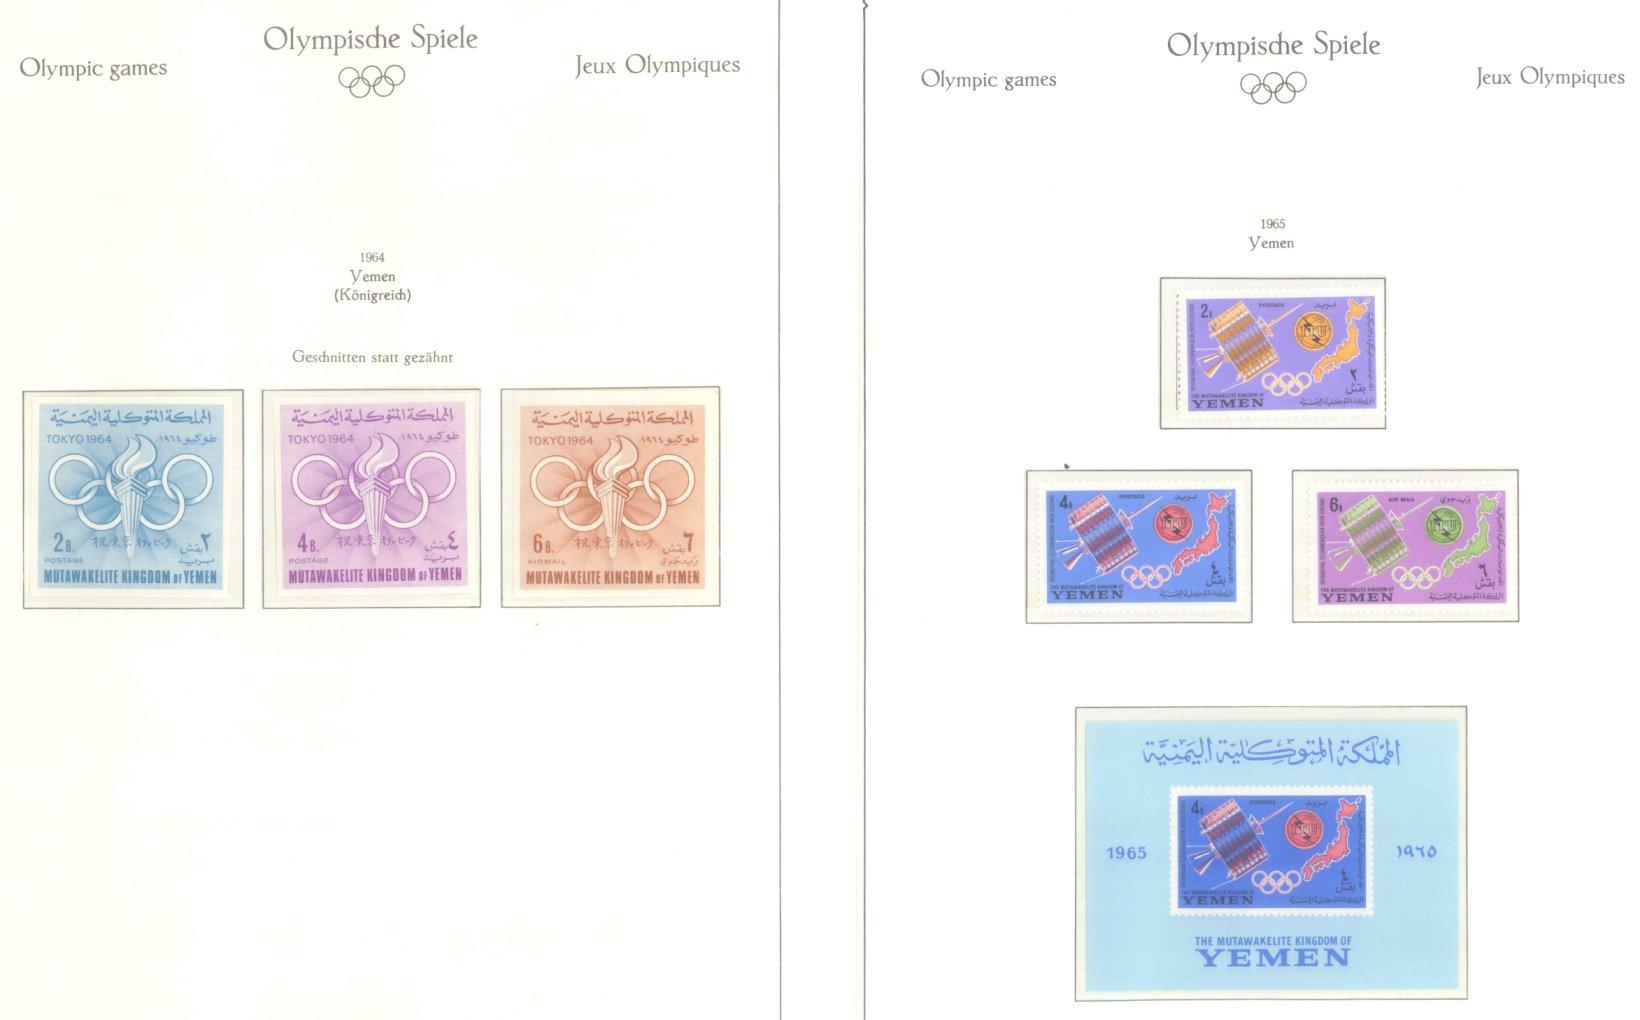 OLYMPISCHE SPIELE 1964 TOKIO, postfrische Sammlung Teil 2-61